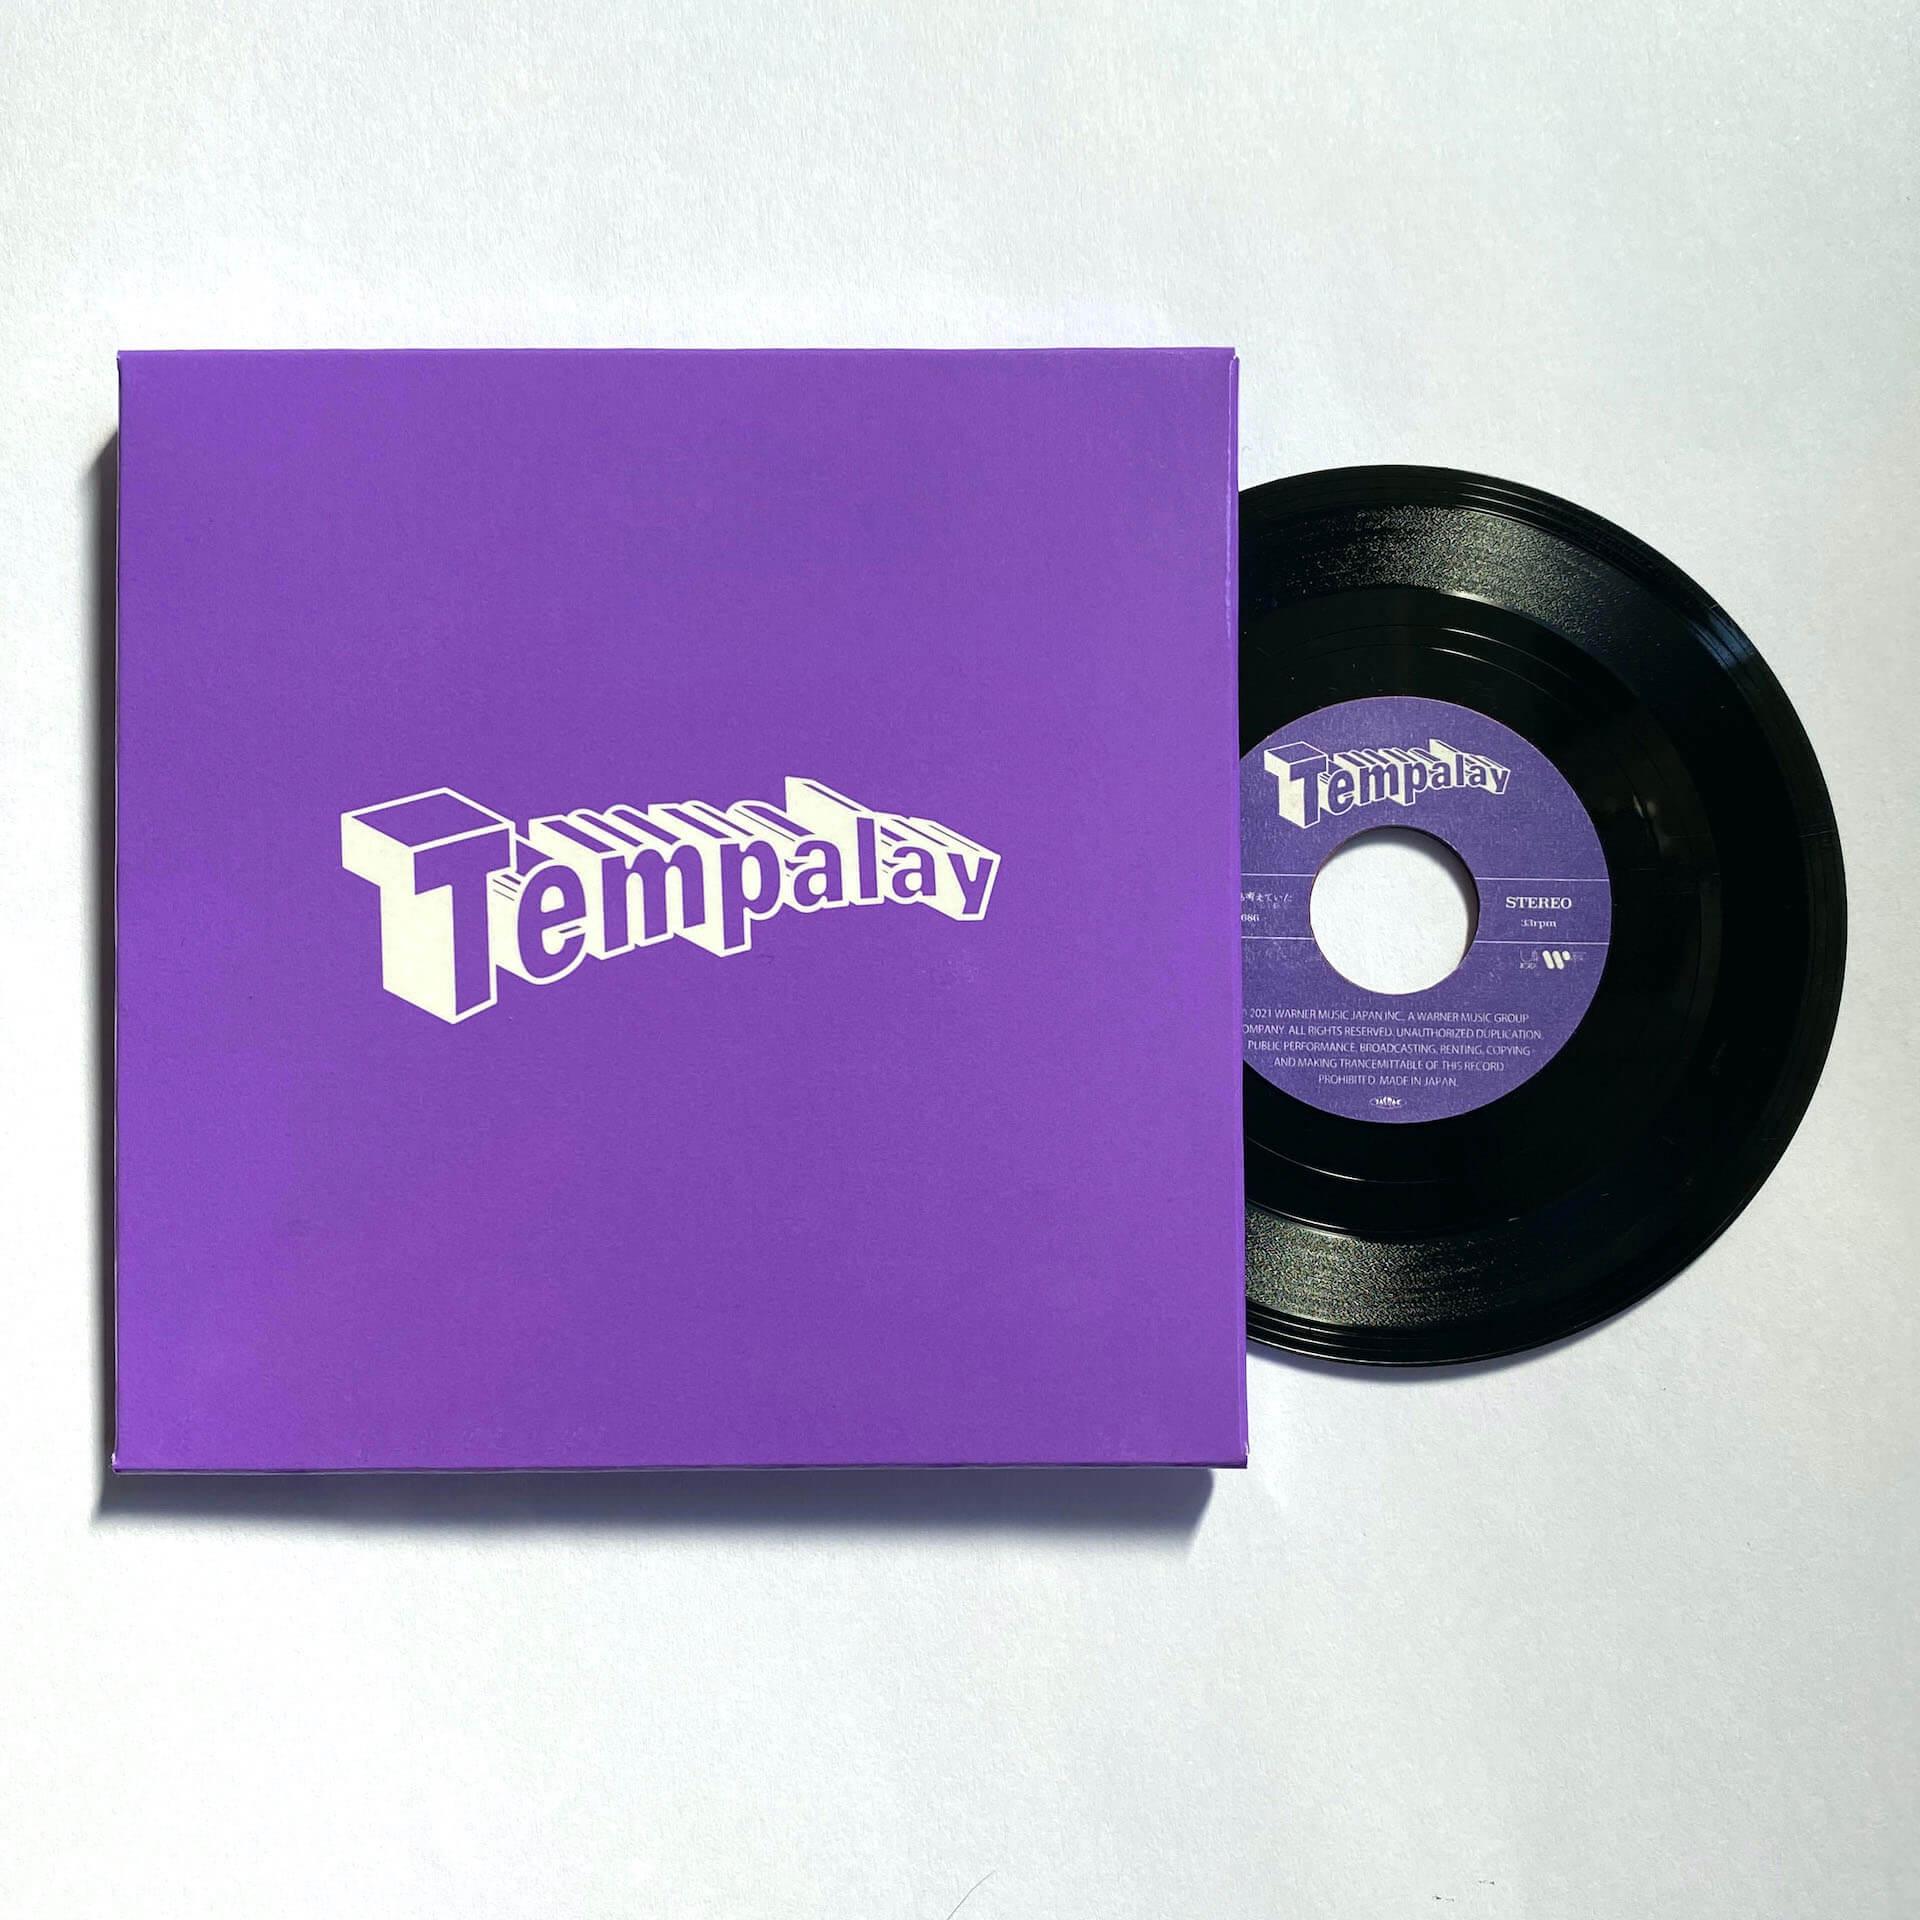 Tempalayがフルアルバム『ゴーストアルバム』のリリース決定!初回限定盤にはライブ映像を収録したDVDが付属&購入者特典の未発表楽曲も music210125_tempalay-01